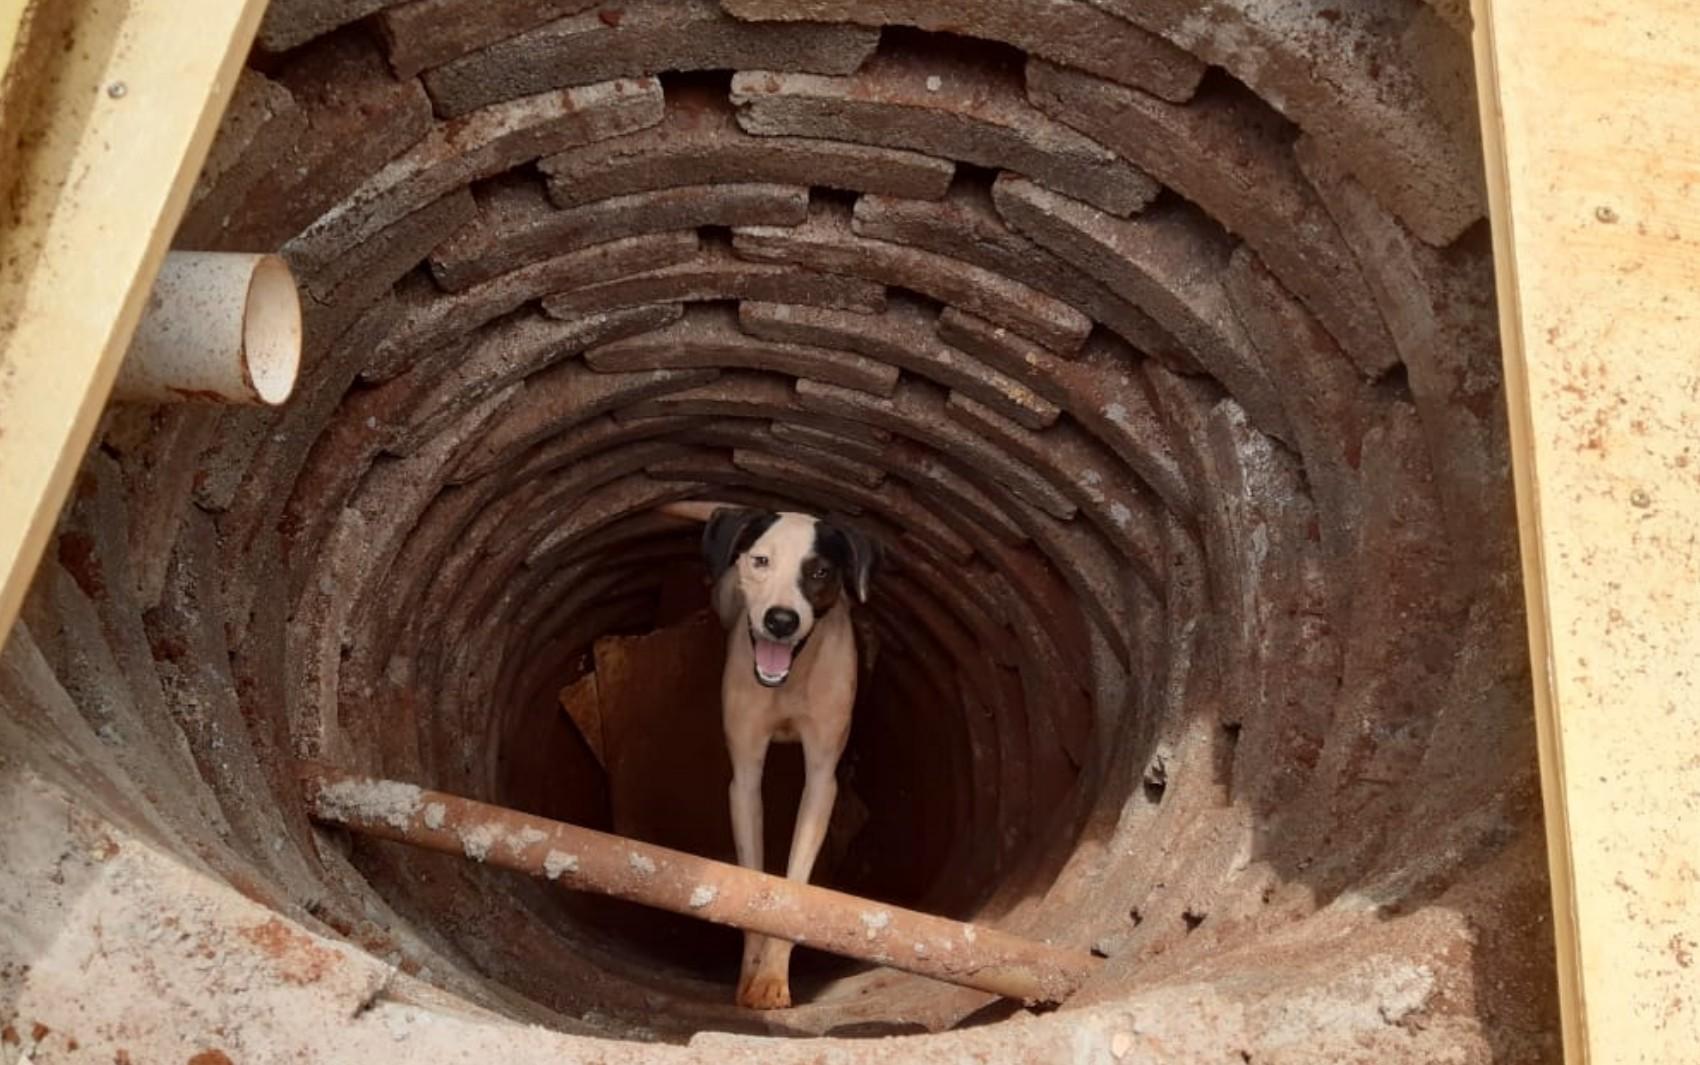 Cachorro é resgatado após cair em fossa de três metros de profundidade, em Rio Verde